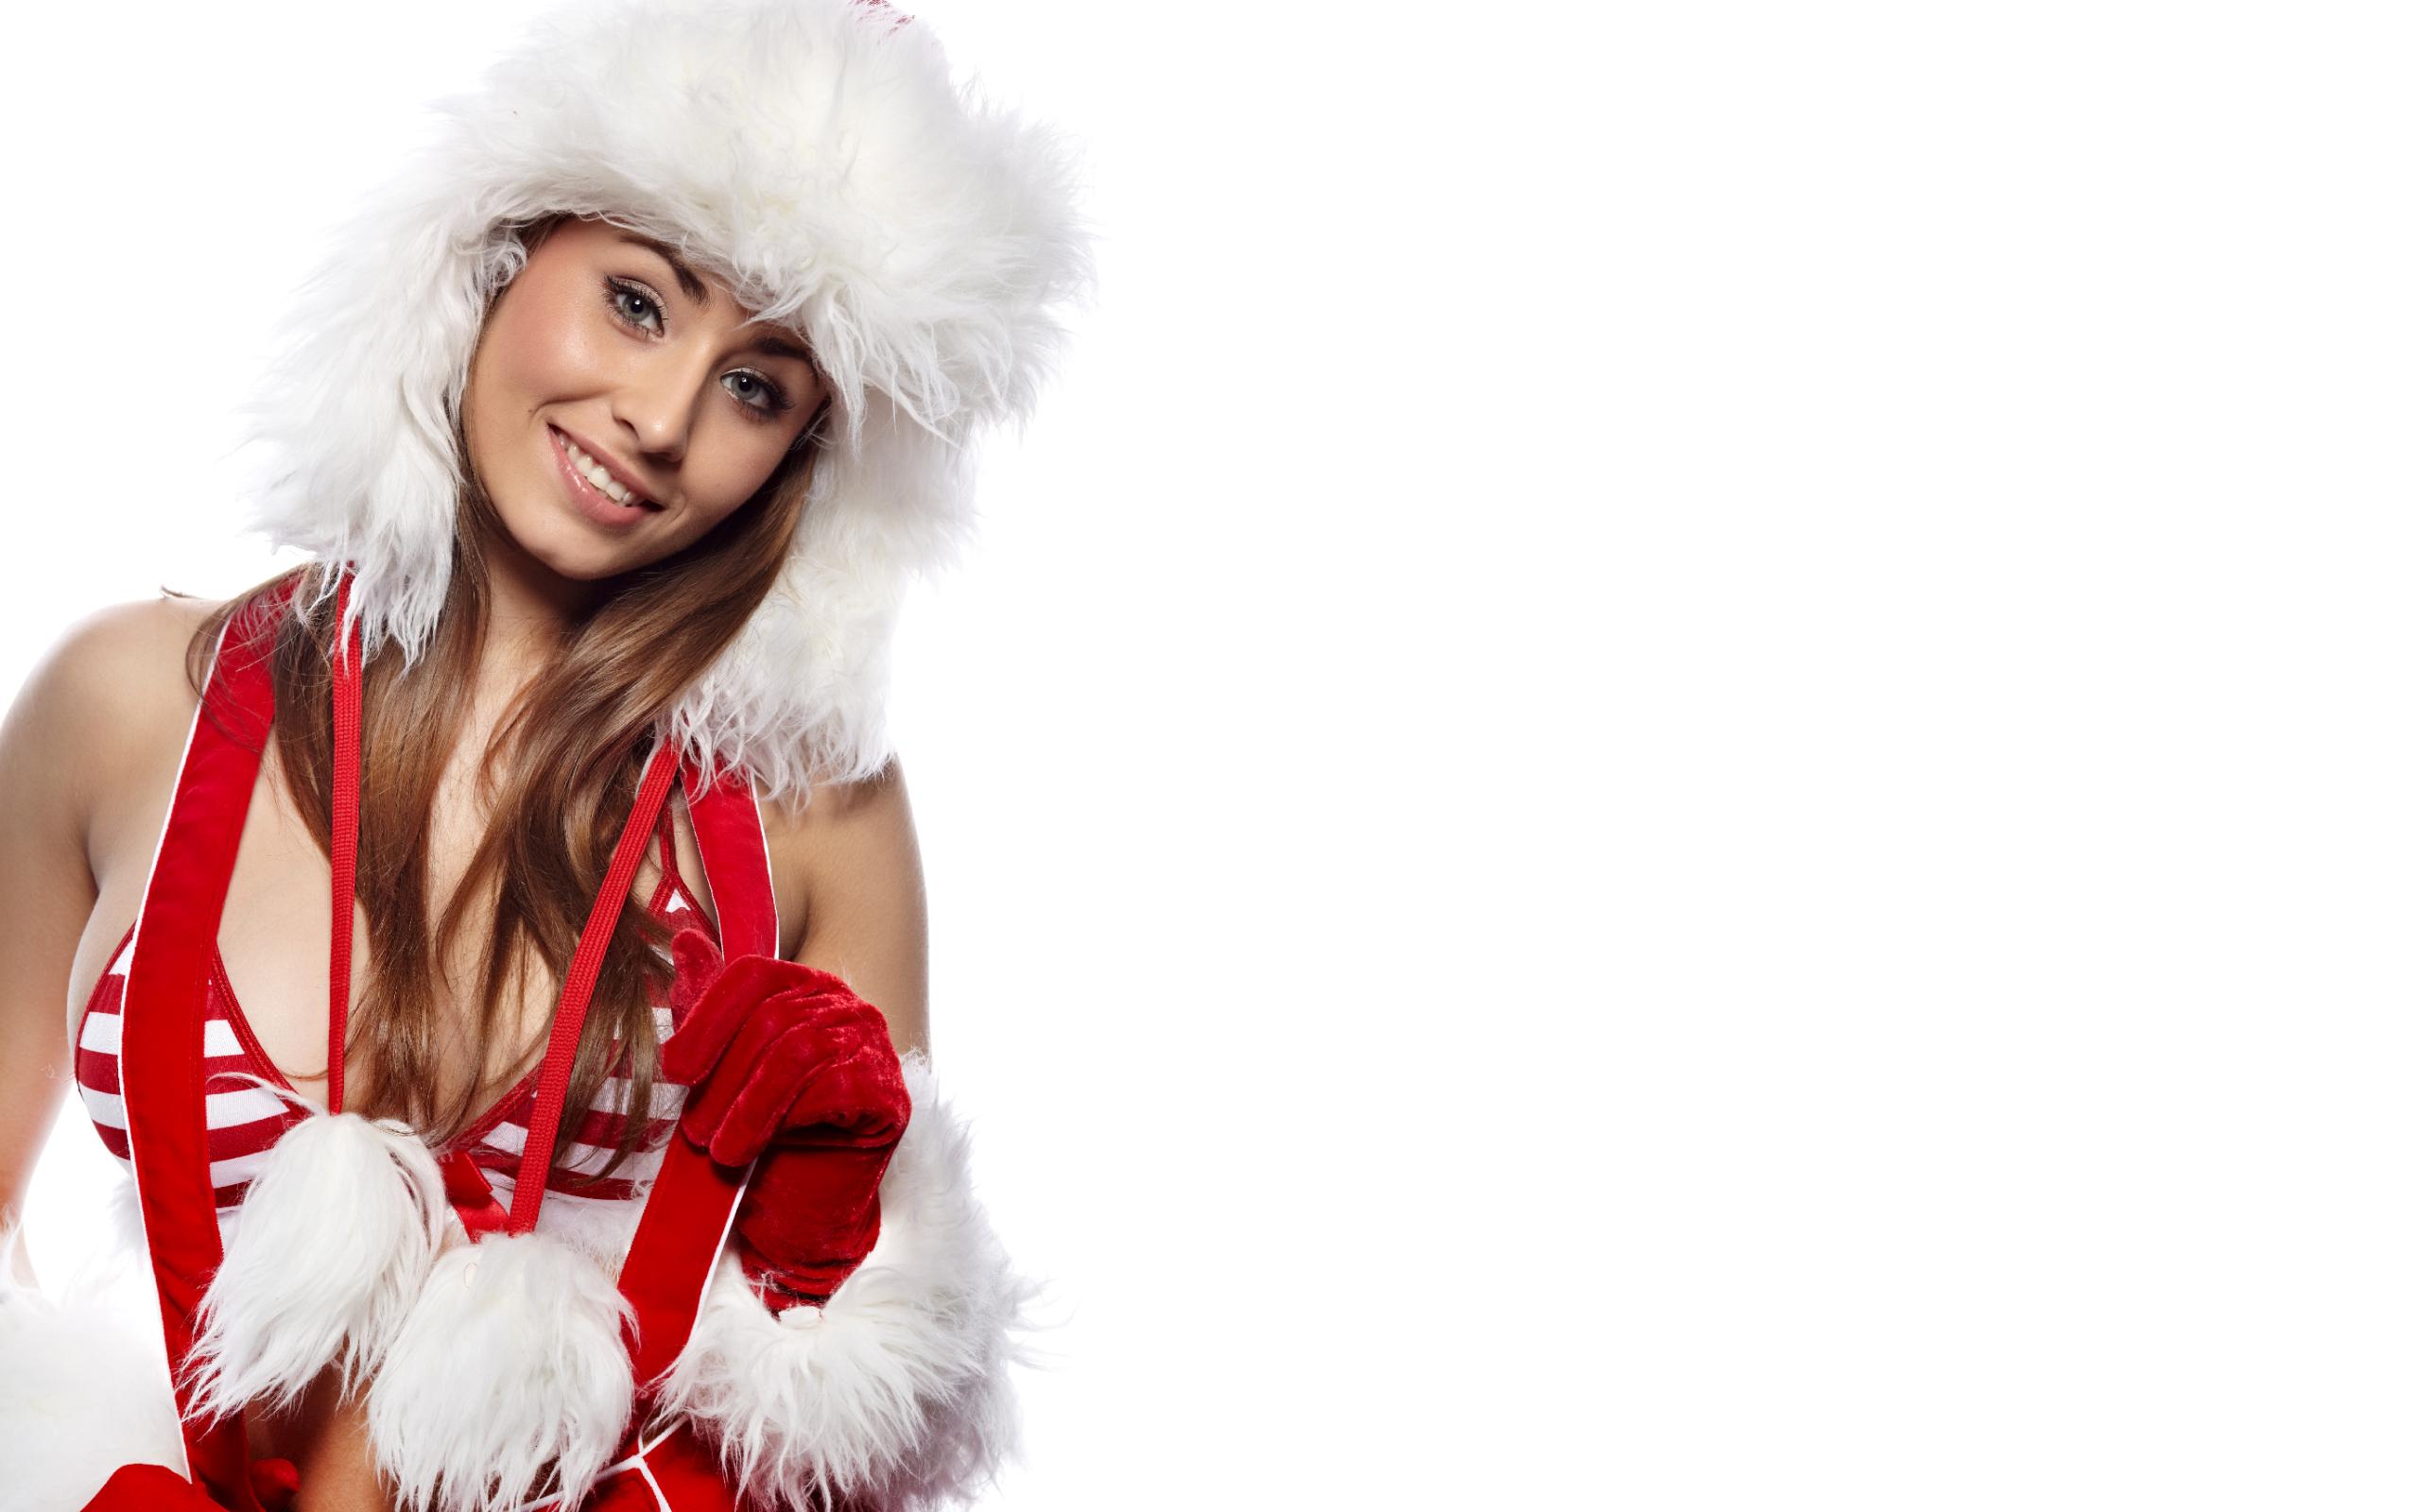 Hot Girl Christmas Wallpaper: View HD Image of Hot Girl Christmas ...